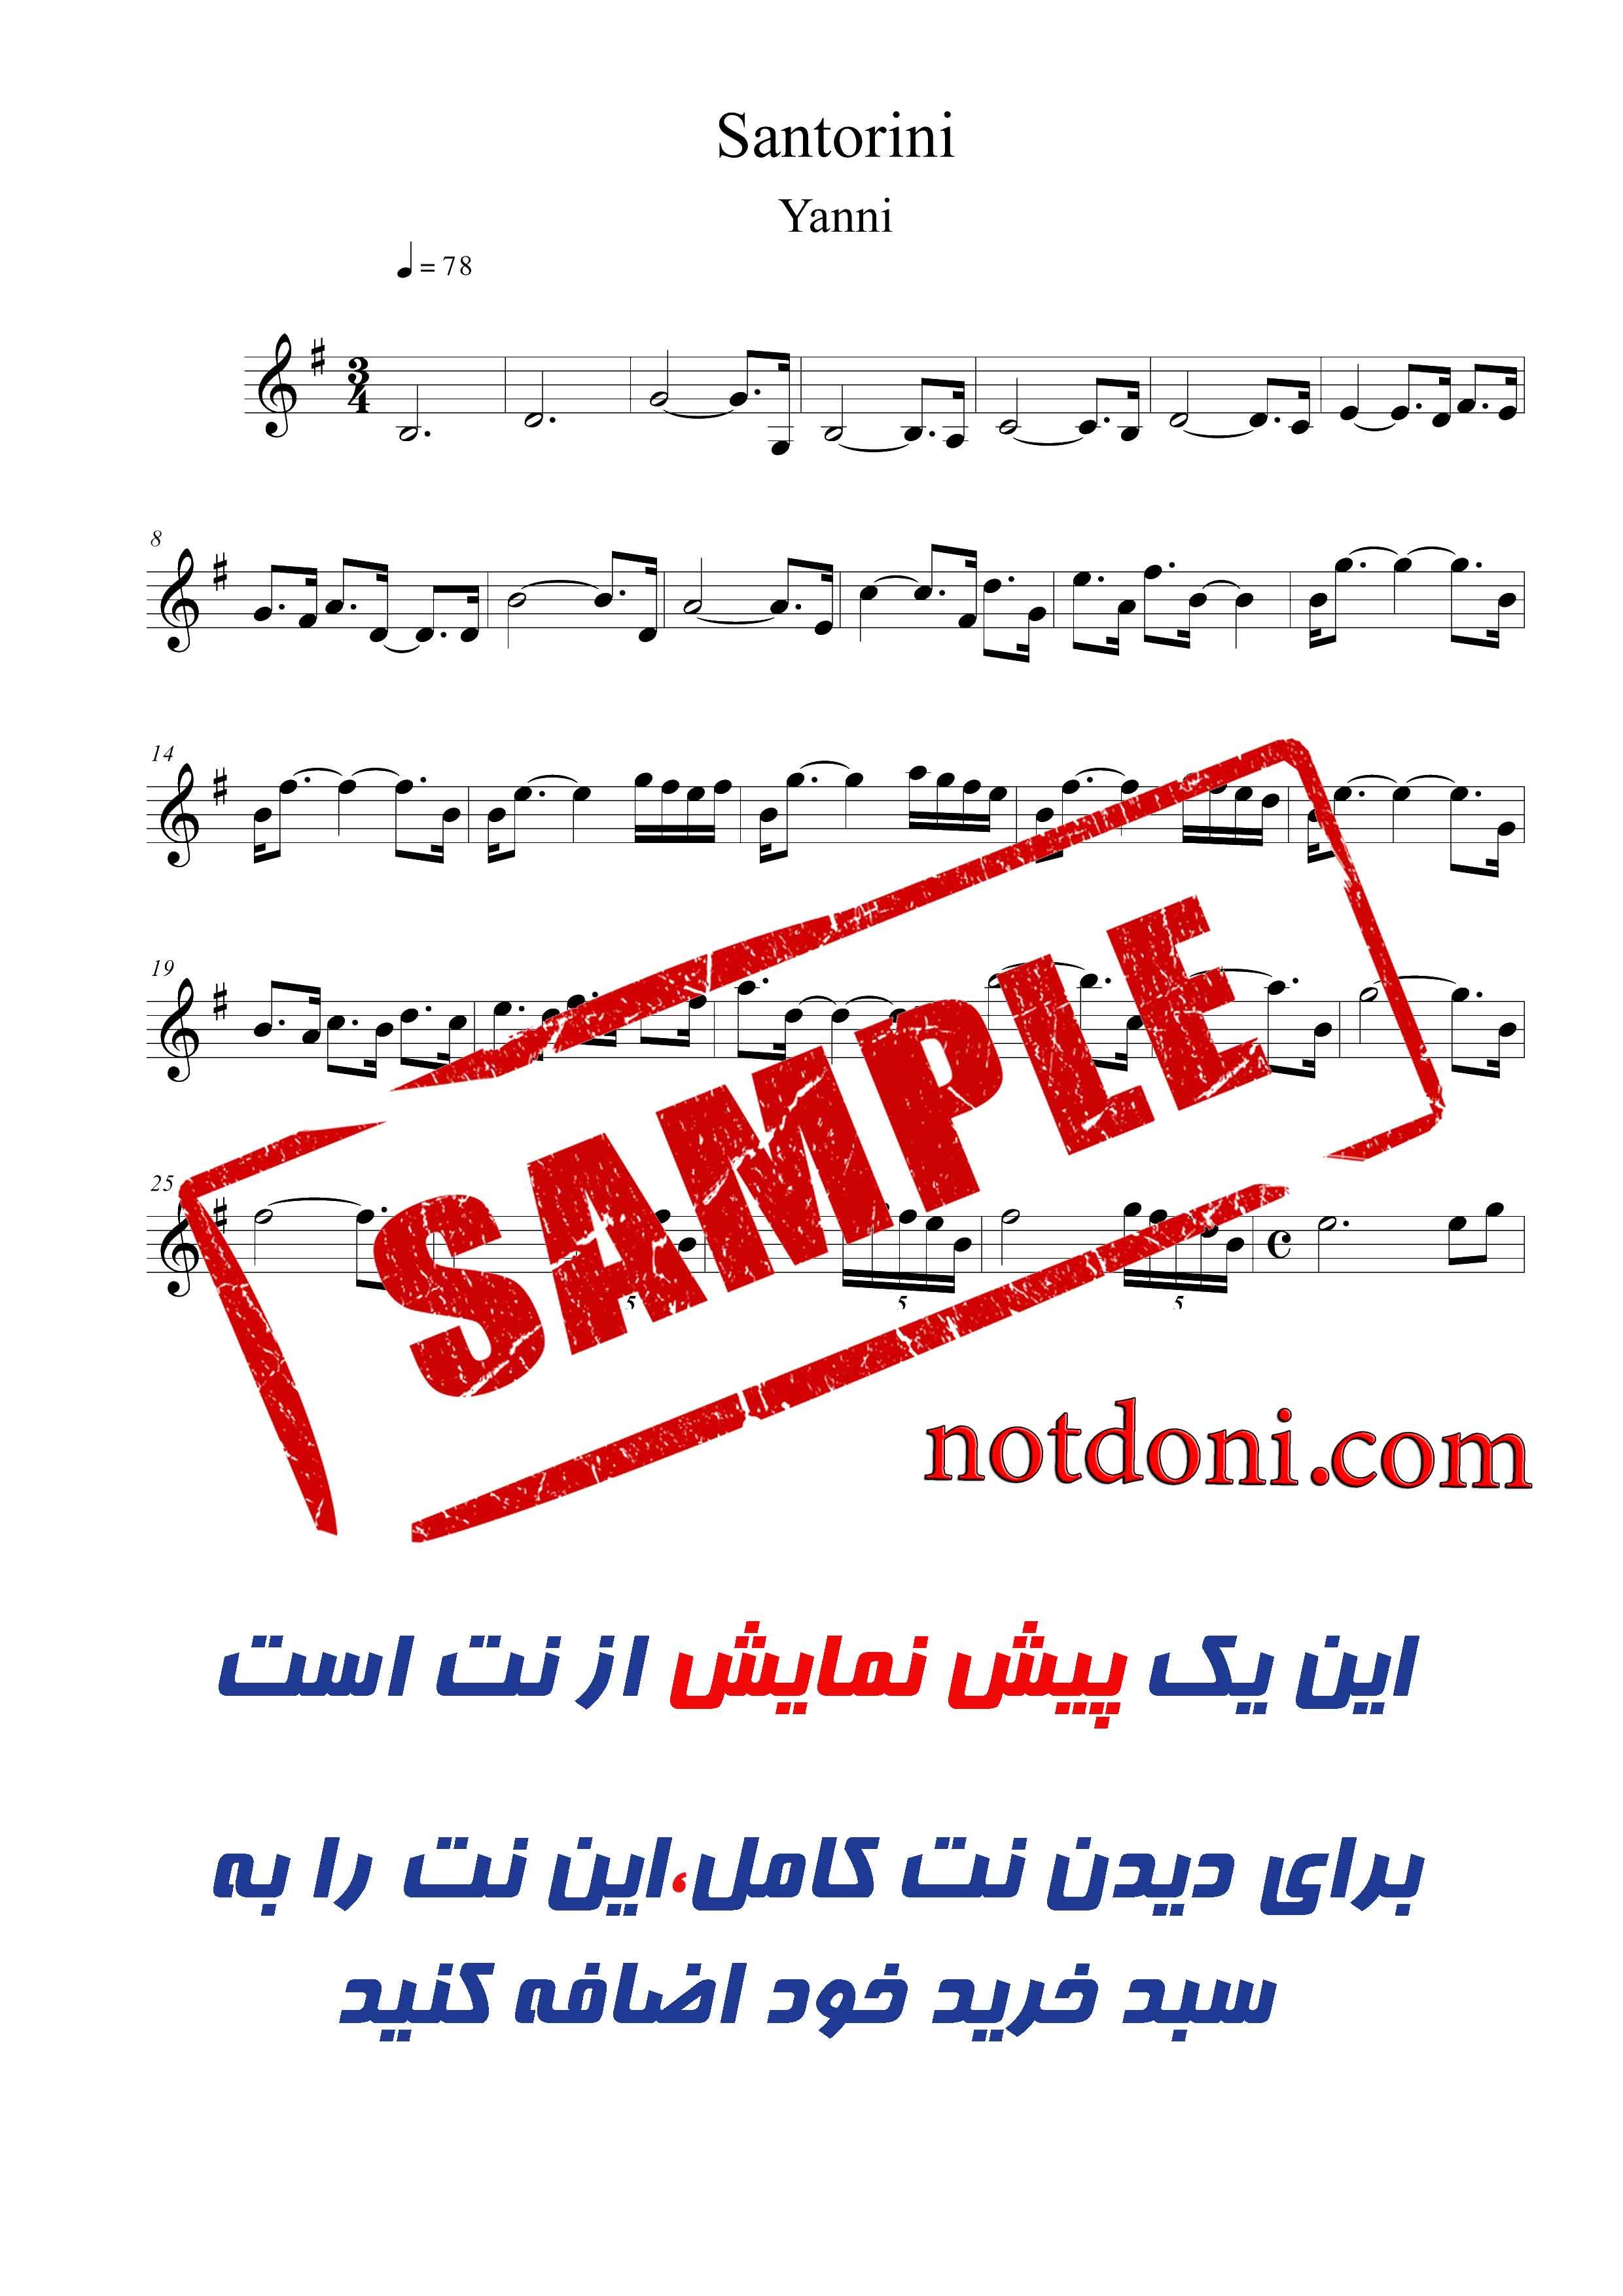 3ed63acd-5208-4998-8c28-79a7e100c12c_دمو.jpg